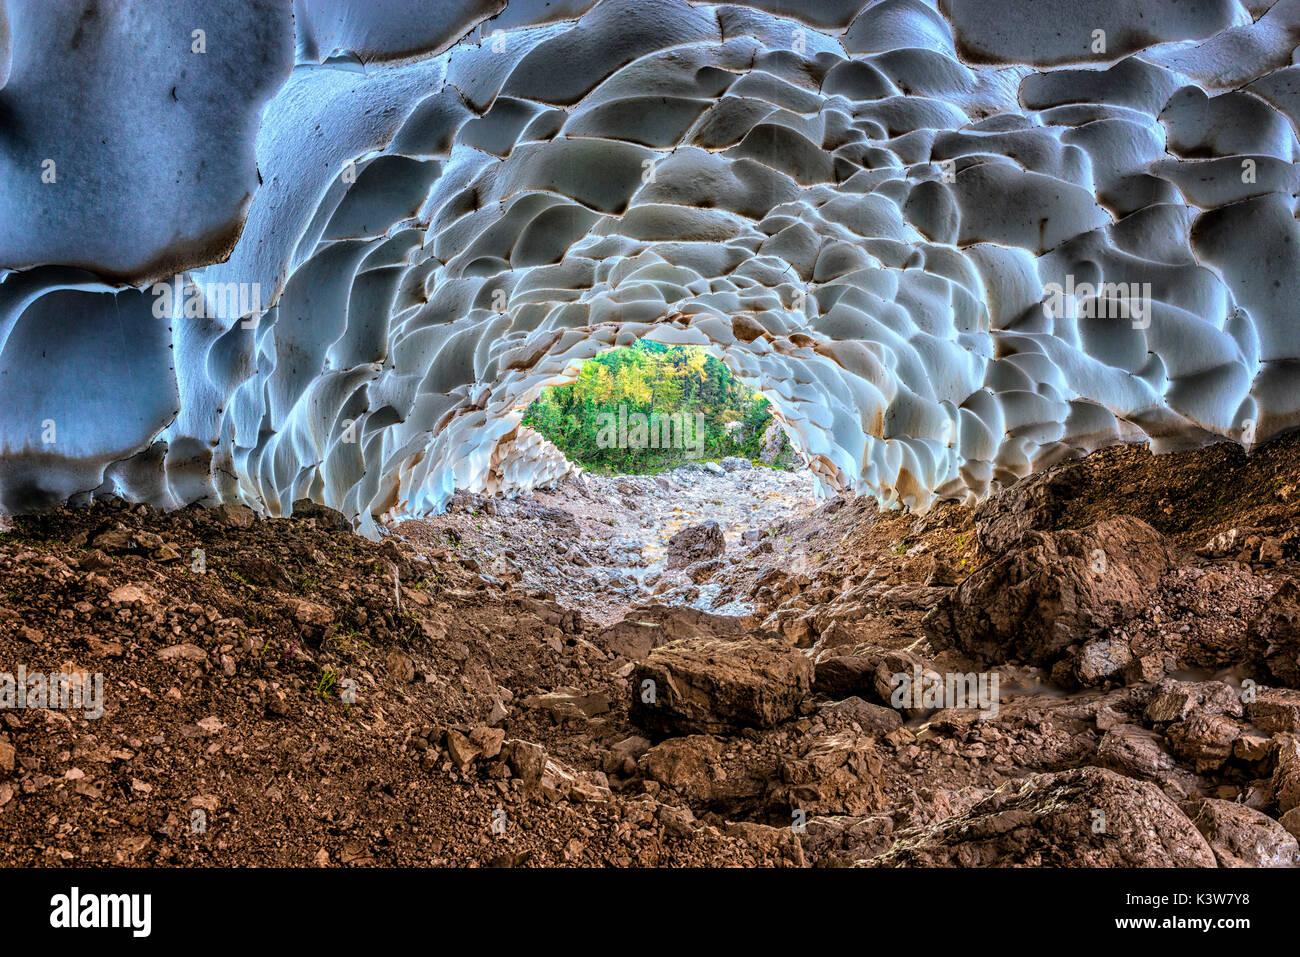 Italia, Veneto, Cortina d'Ampezzo, Sorapiss lago, dentro de una cueva de hielo. Foto de stock